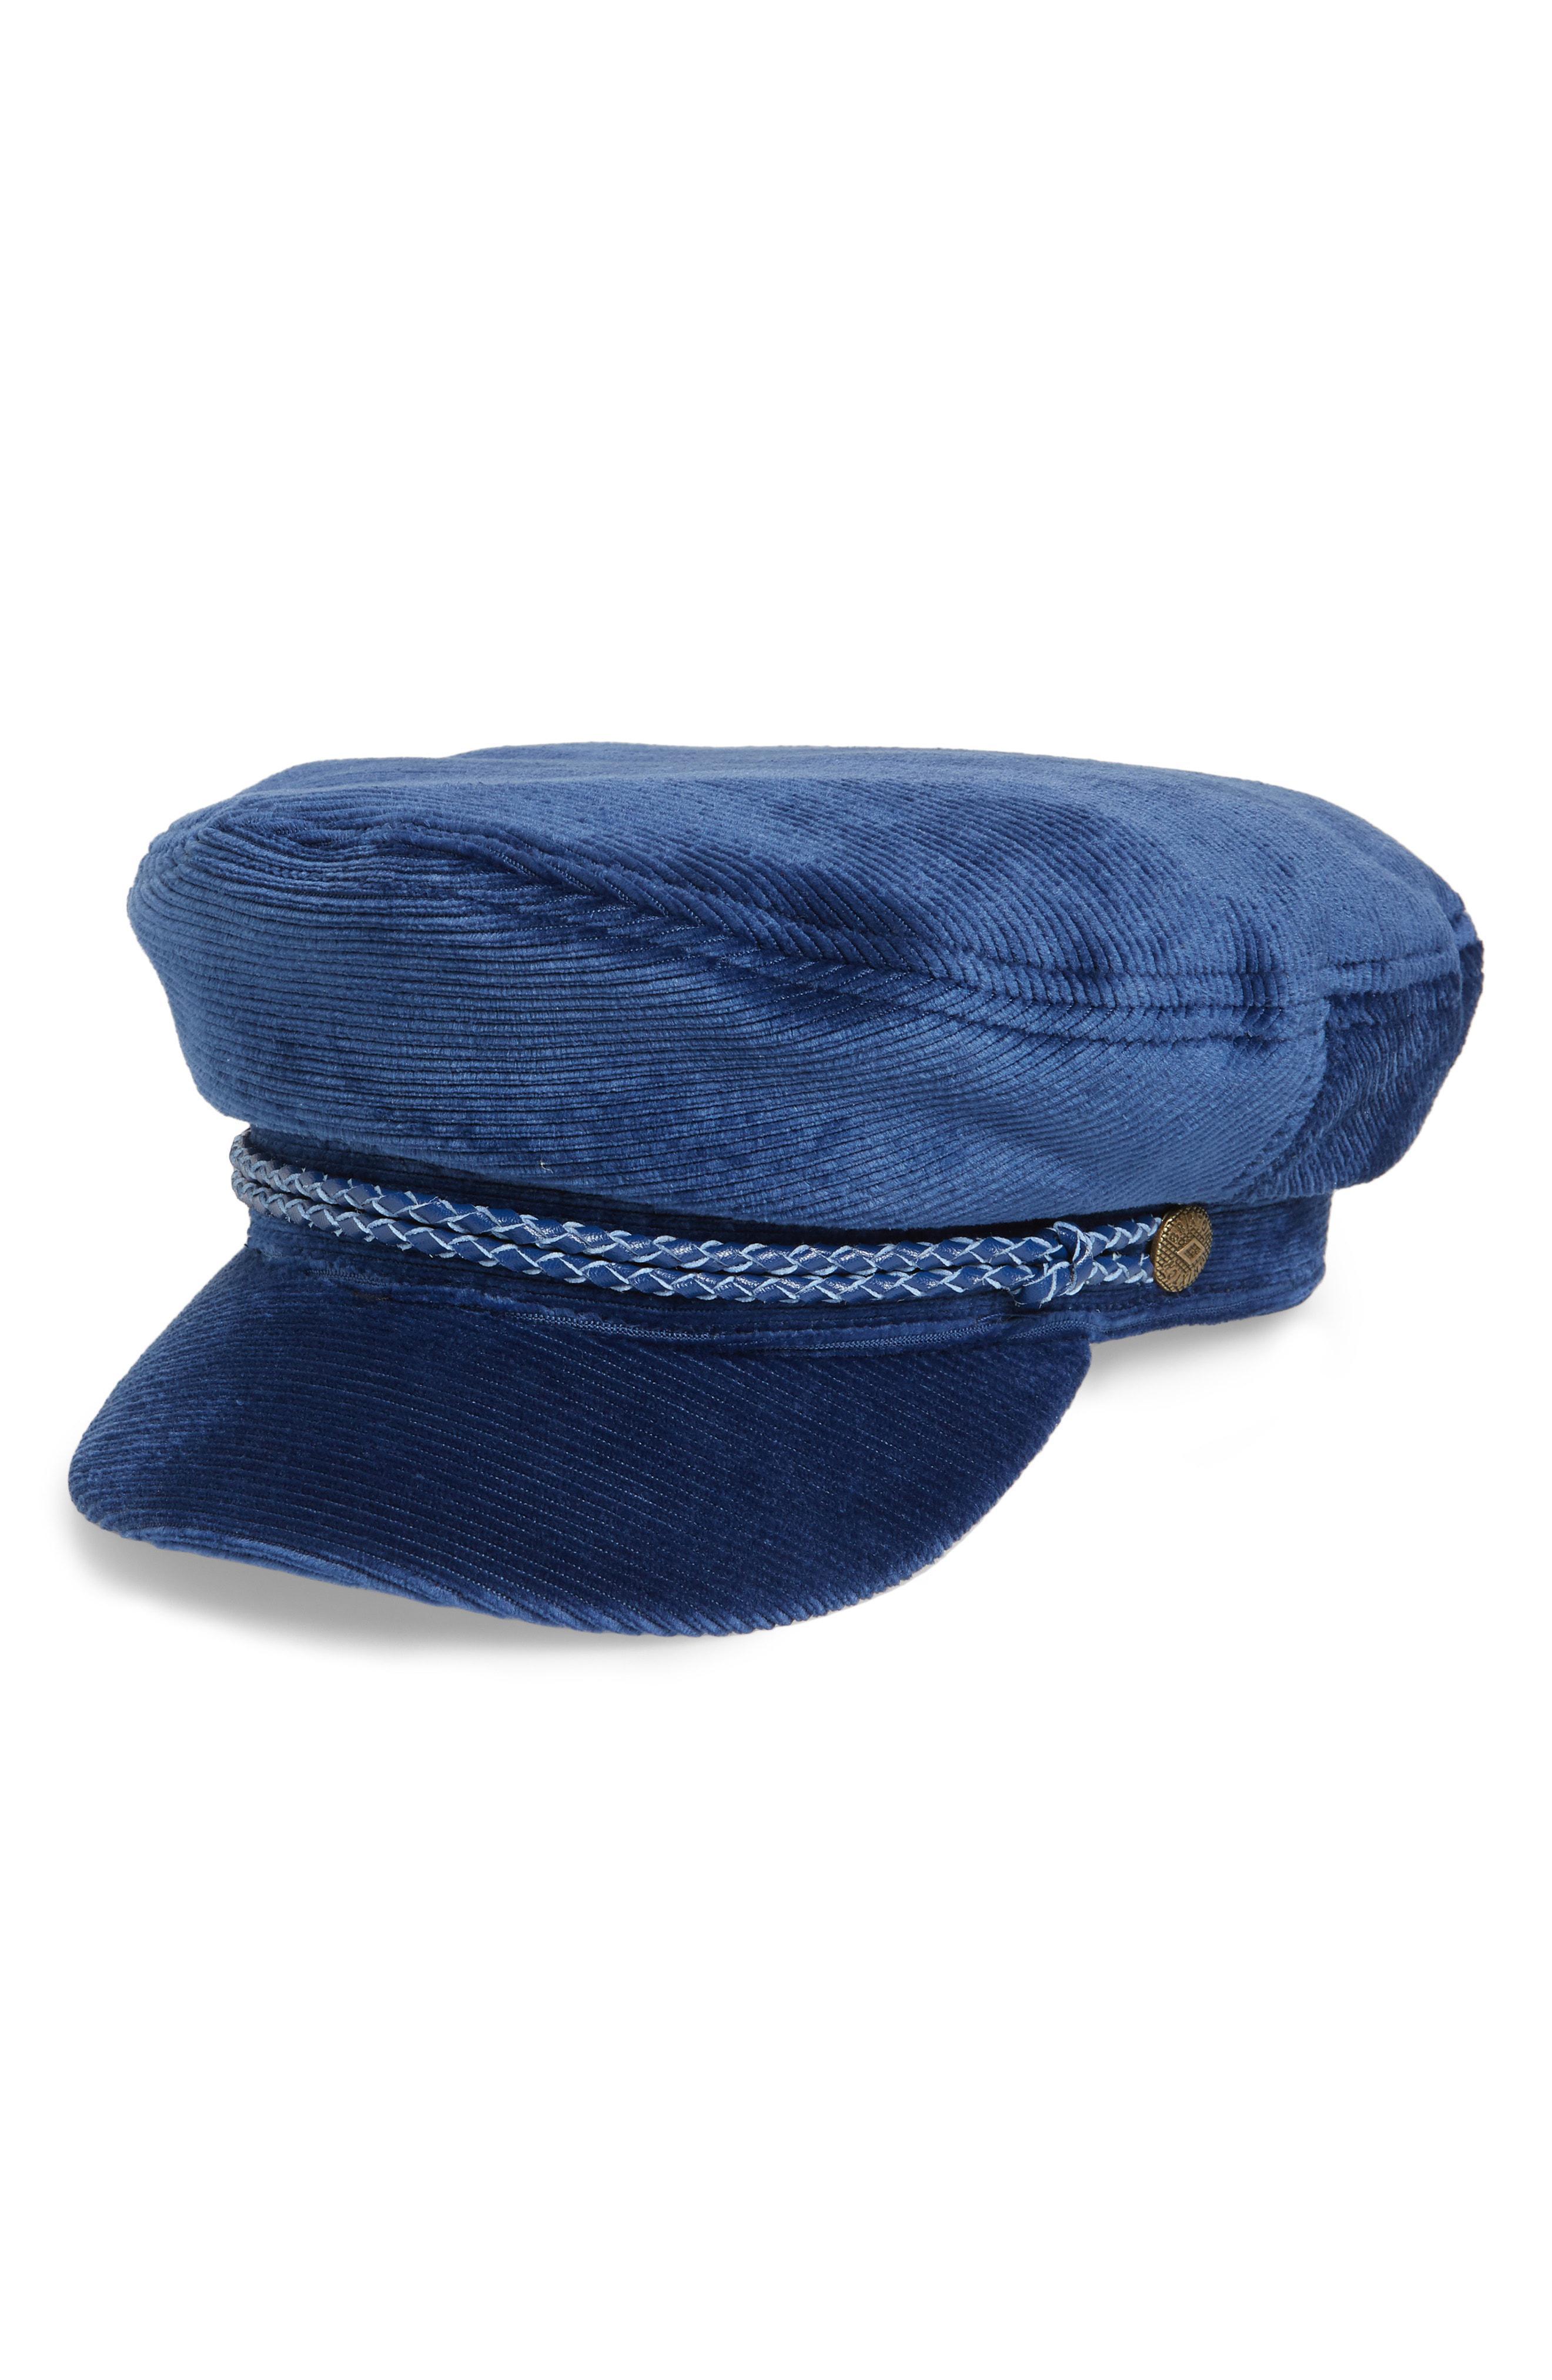 b76beb3fcad Lyst - Brixton Fiddler Corduroy Baker Boy Cap in Blue